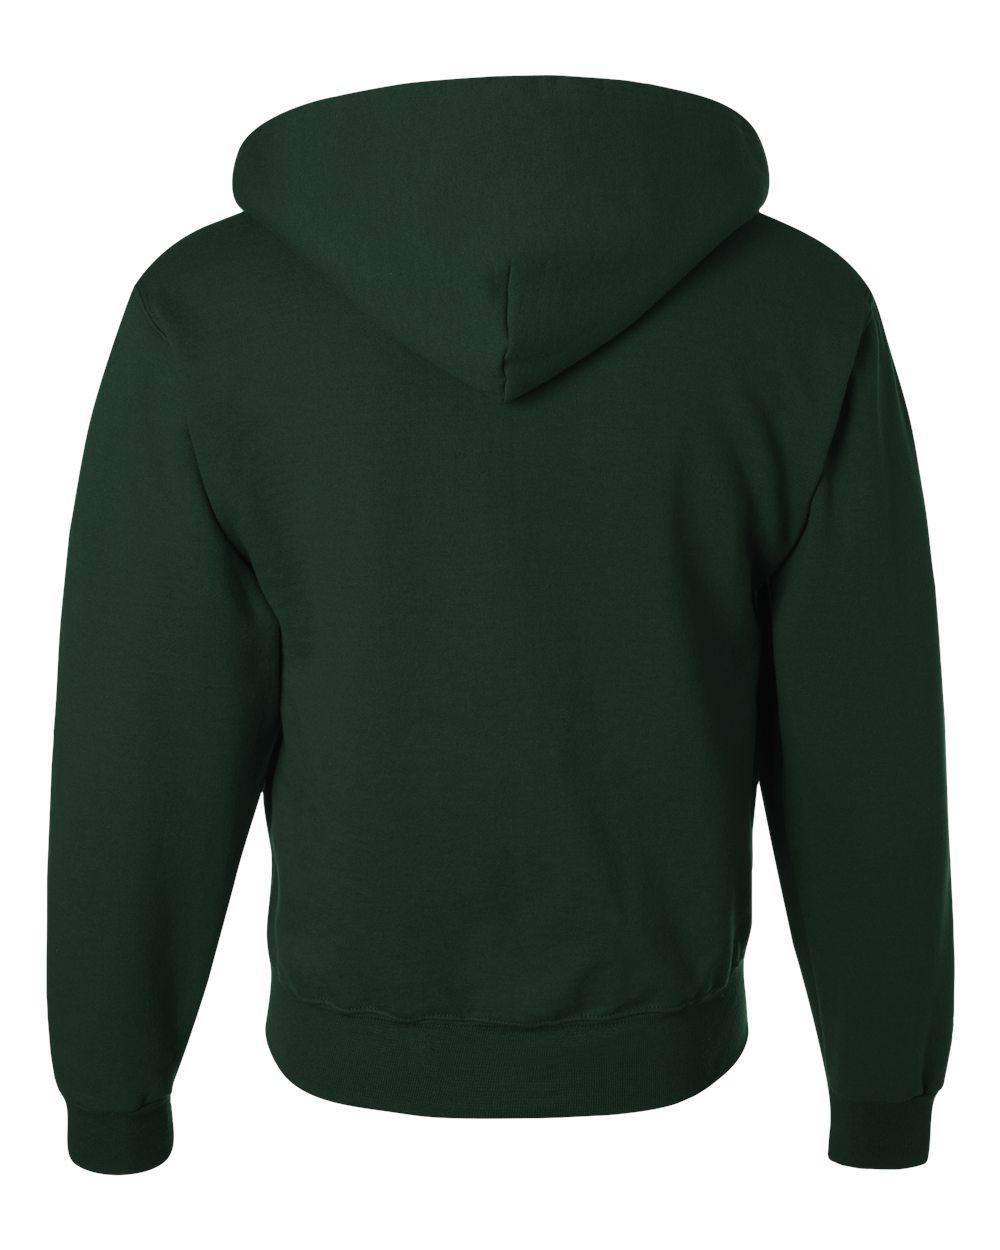 50//50 Super Sweats NuBlend Fleece Full-Zip Hood-4999 Mens 9.5 oz Jerzees